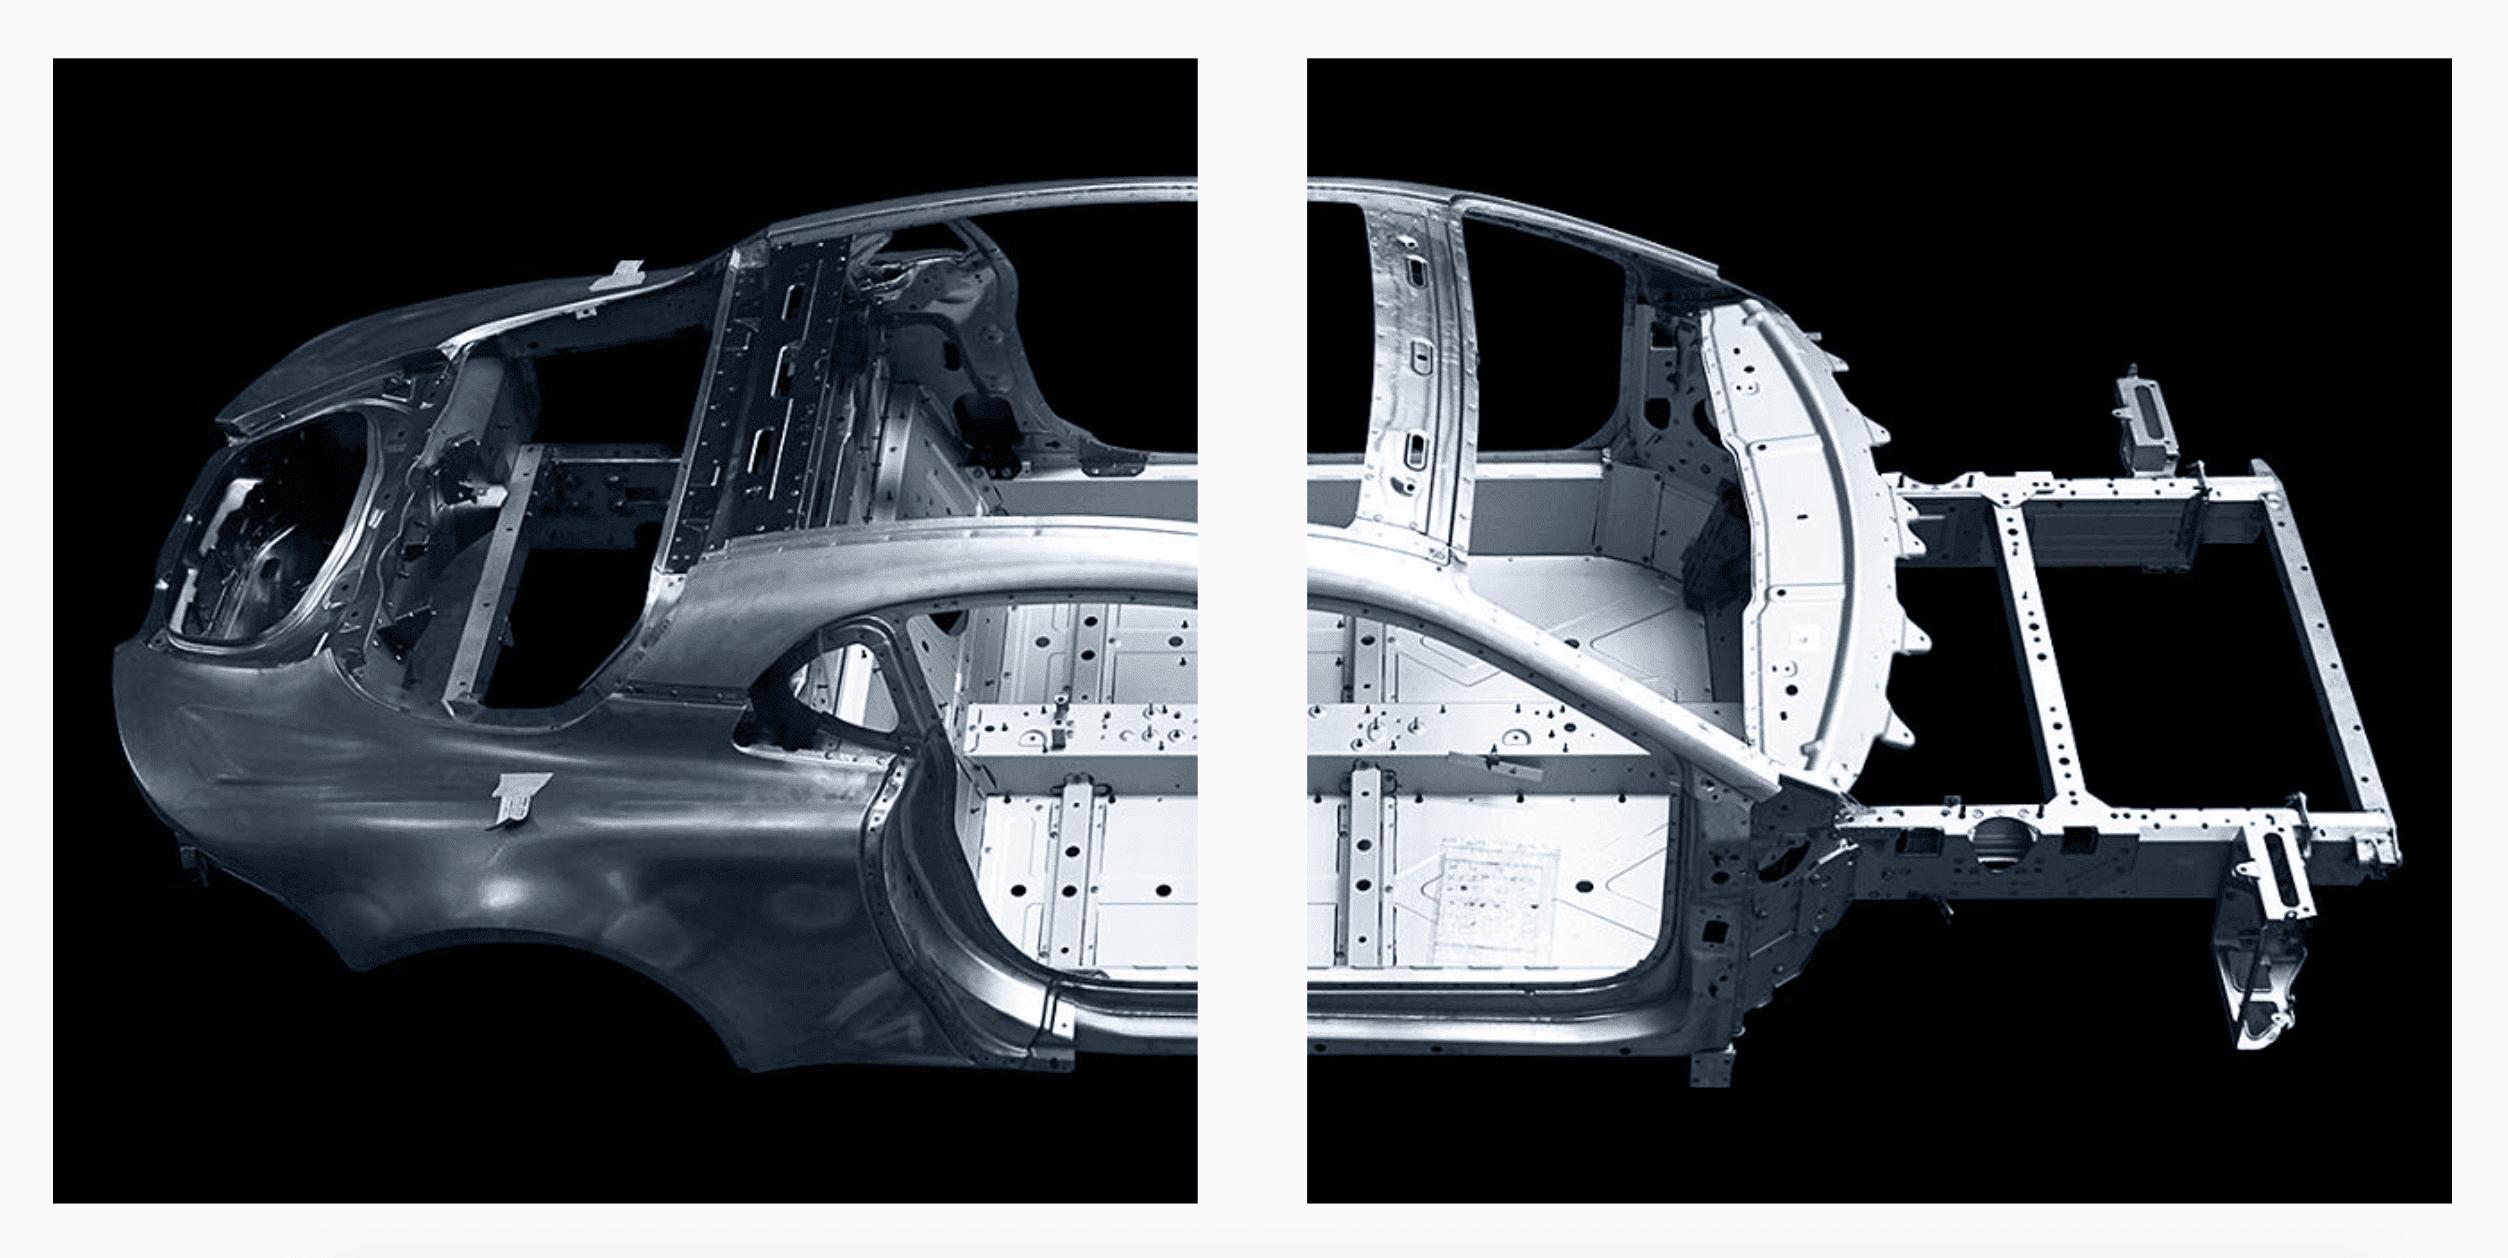 Alpine planet aluminium frame10   Alpine révèle la structure en aluminium de sa nouvelle berlinette